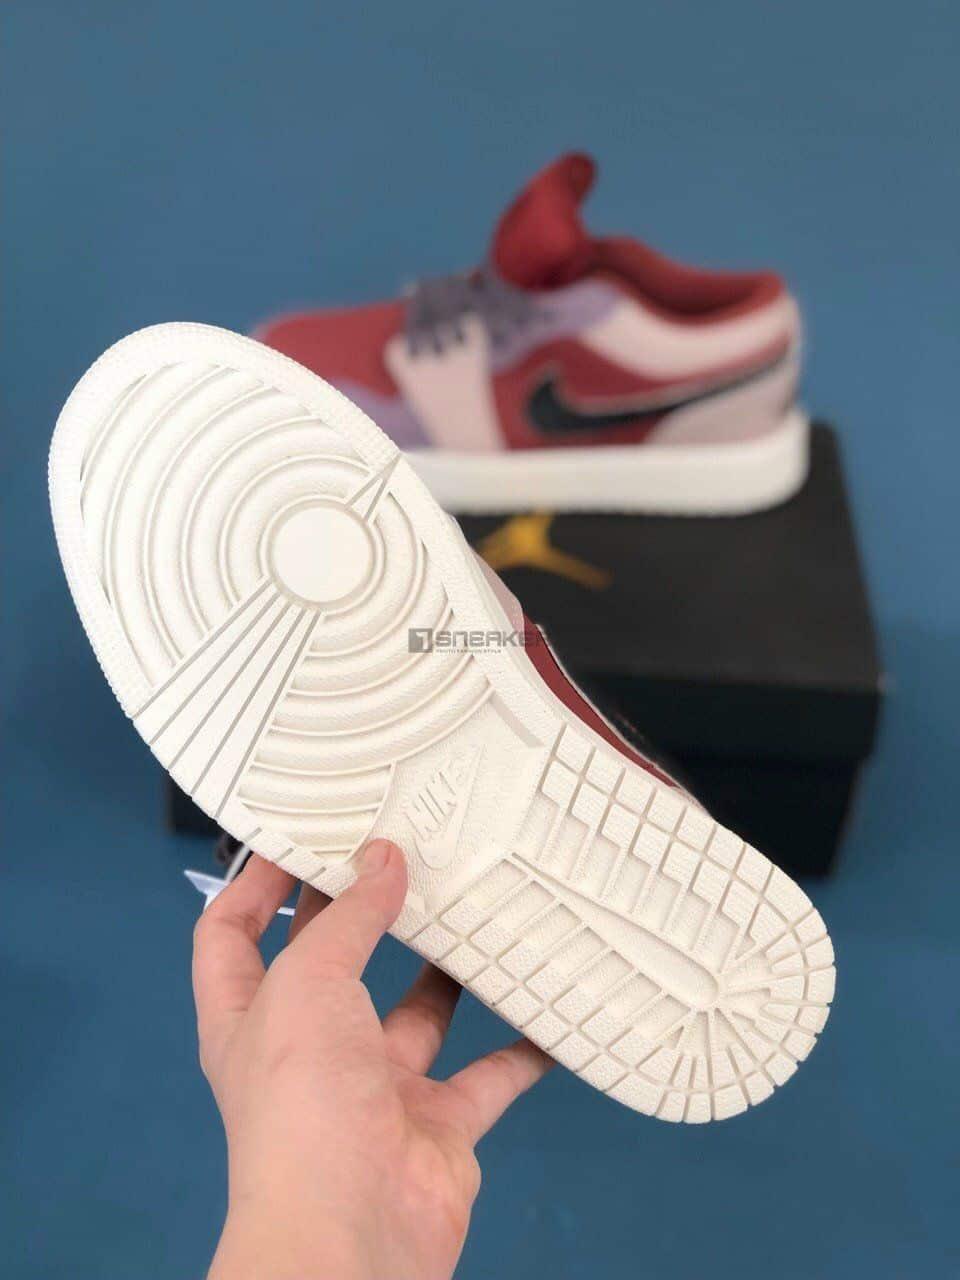 Đế giày Nike Air Jordan 1 Low Canyon Rust